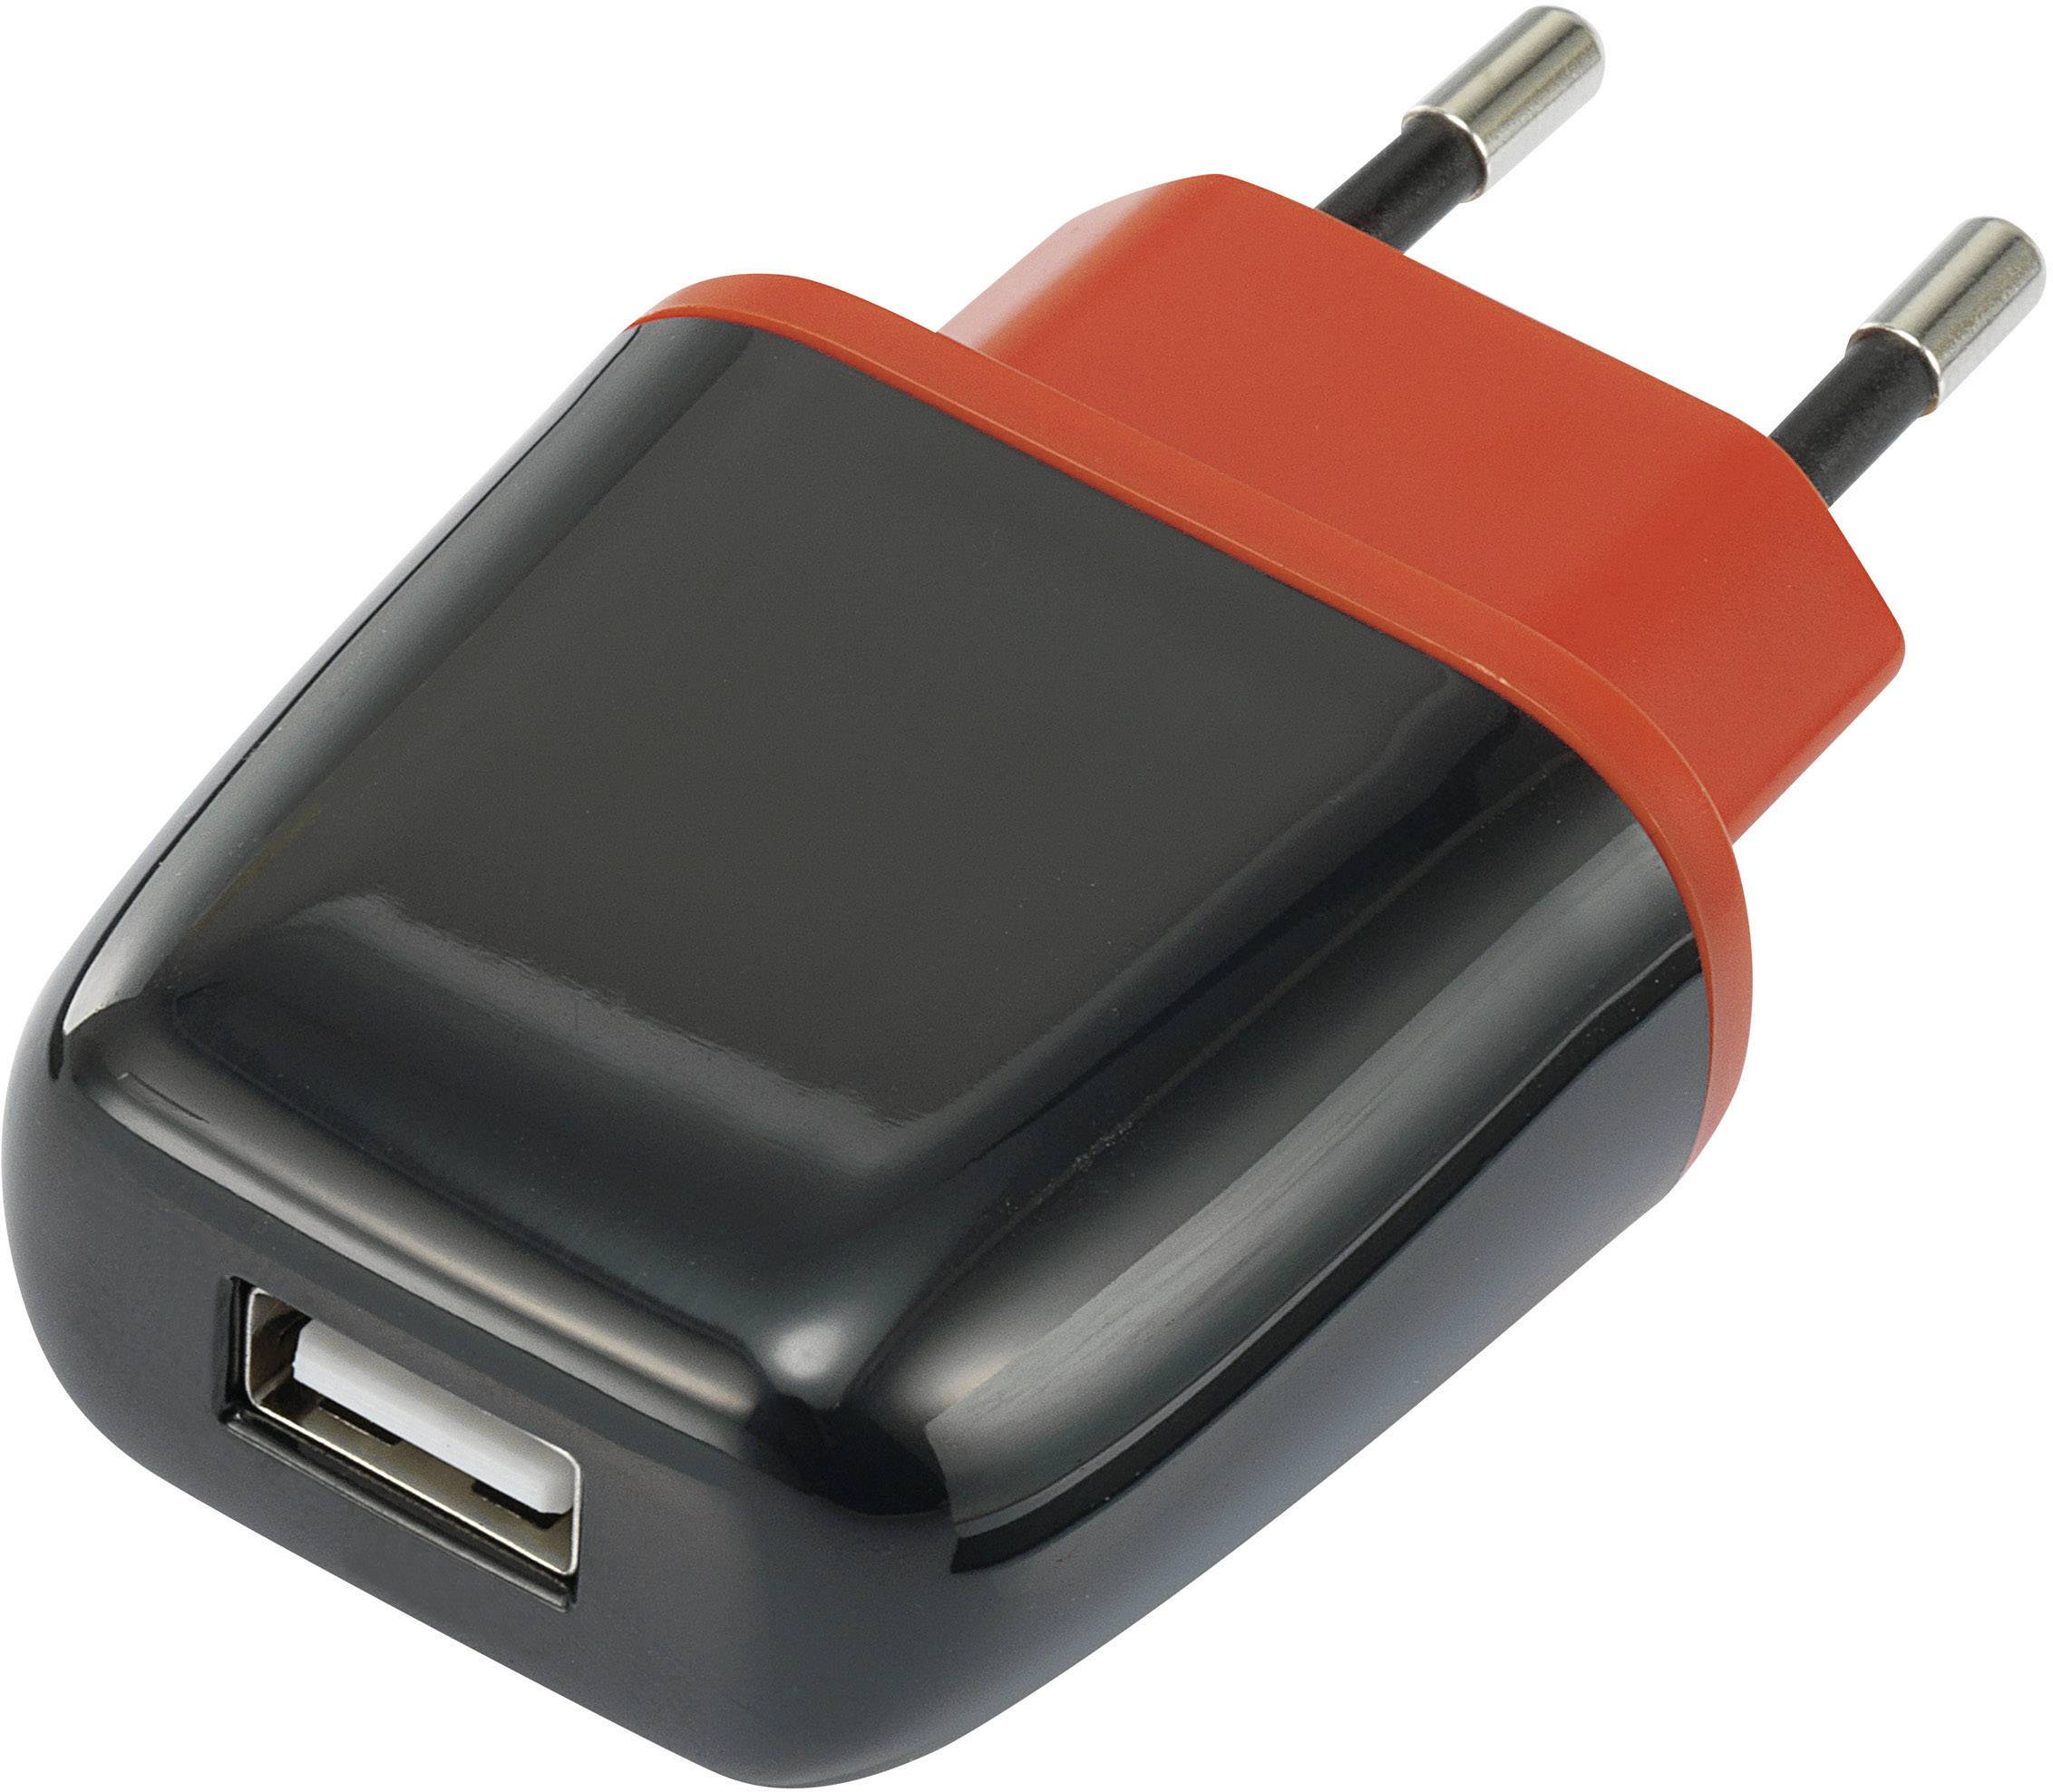 USB nabíječka VOLTCRAFT SPAS-2100 SE, 2100 mA, výroční edice